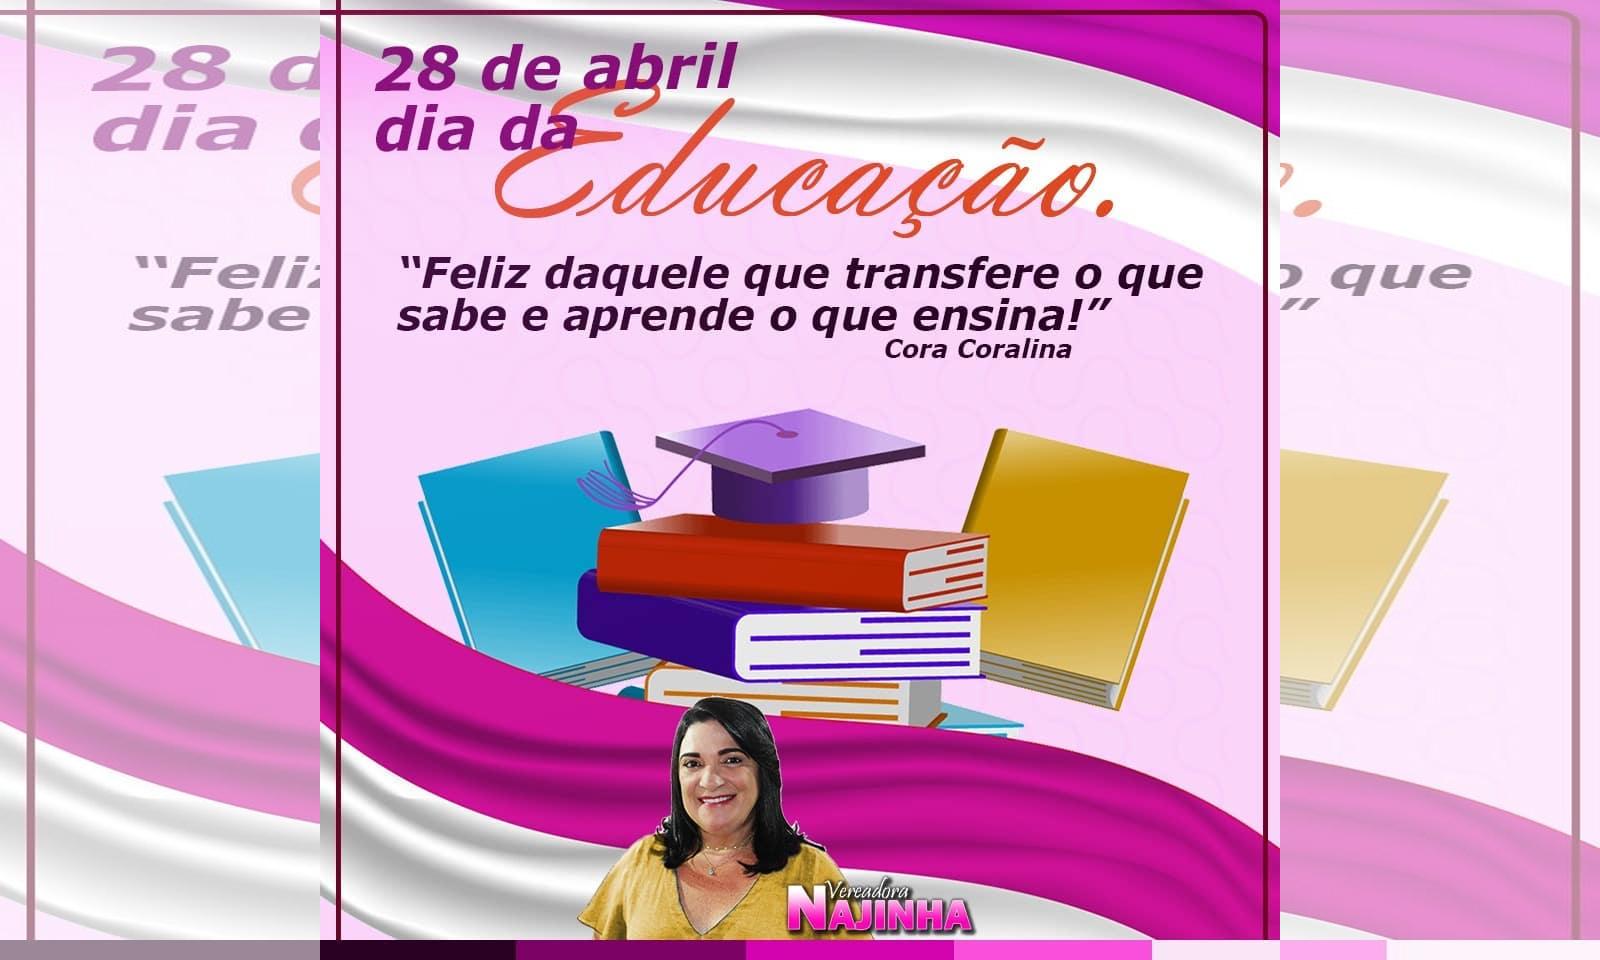 Vereadora Najinha de Baixa Grande felicita o Dia da Educação